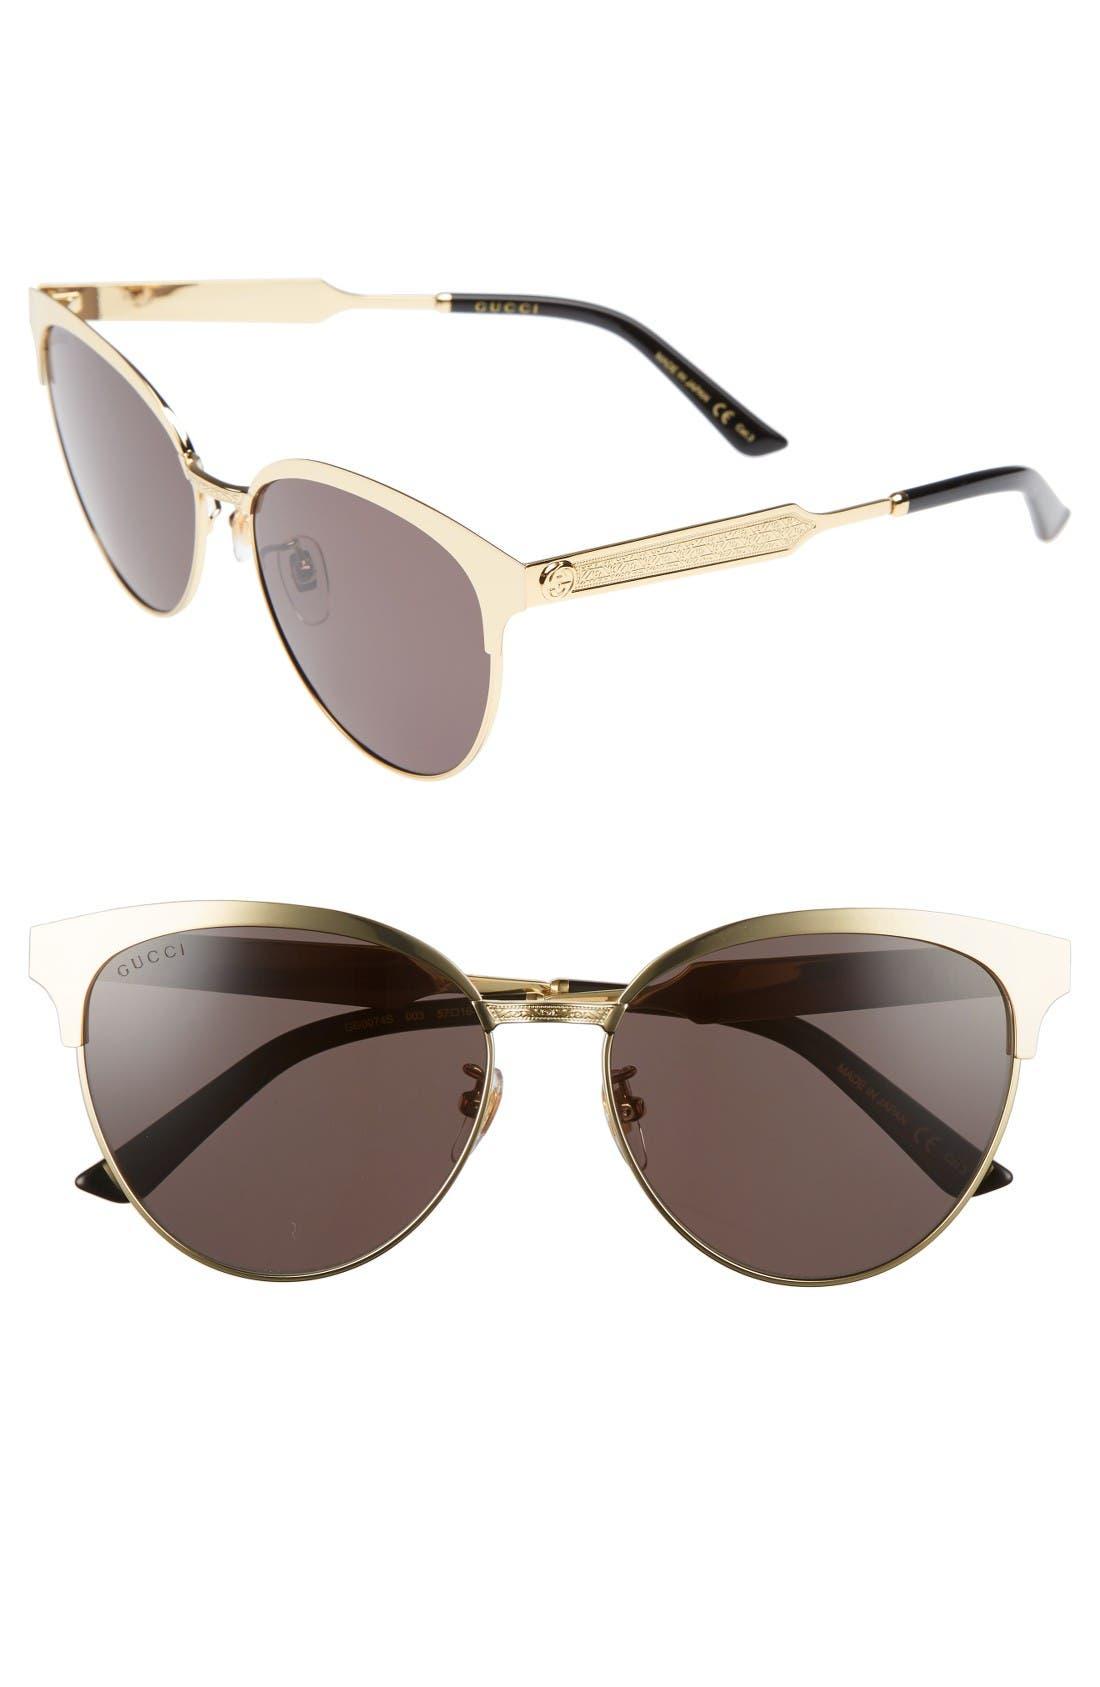 Gucci 57mm Retro Sunglasses